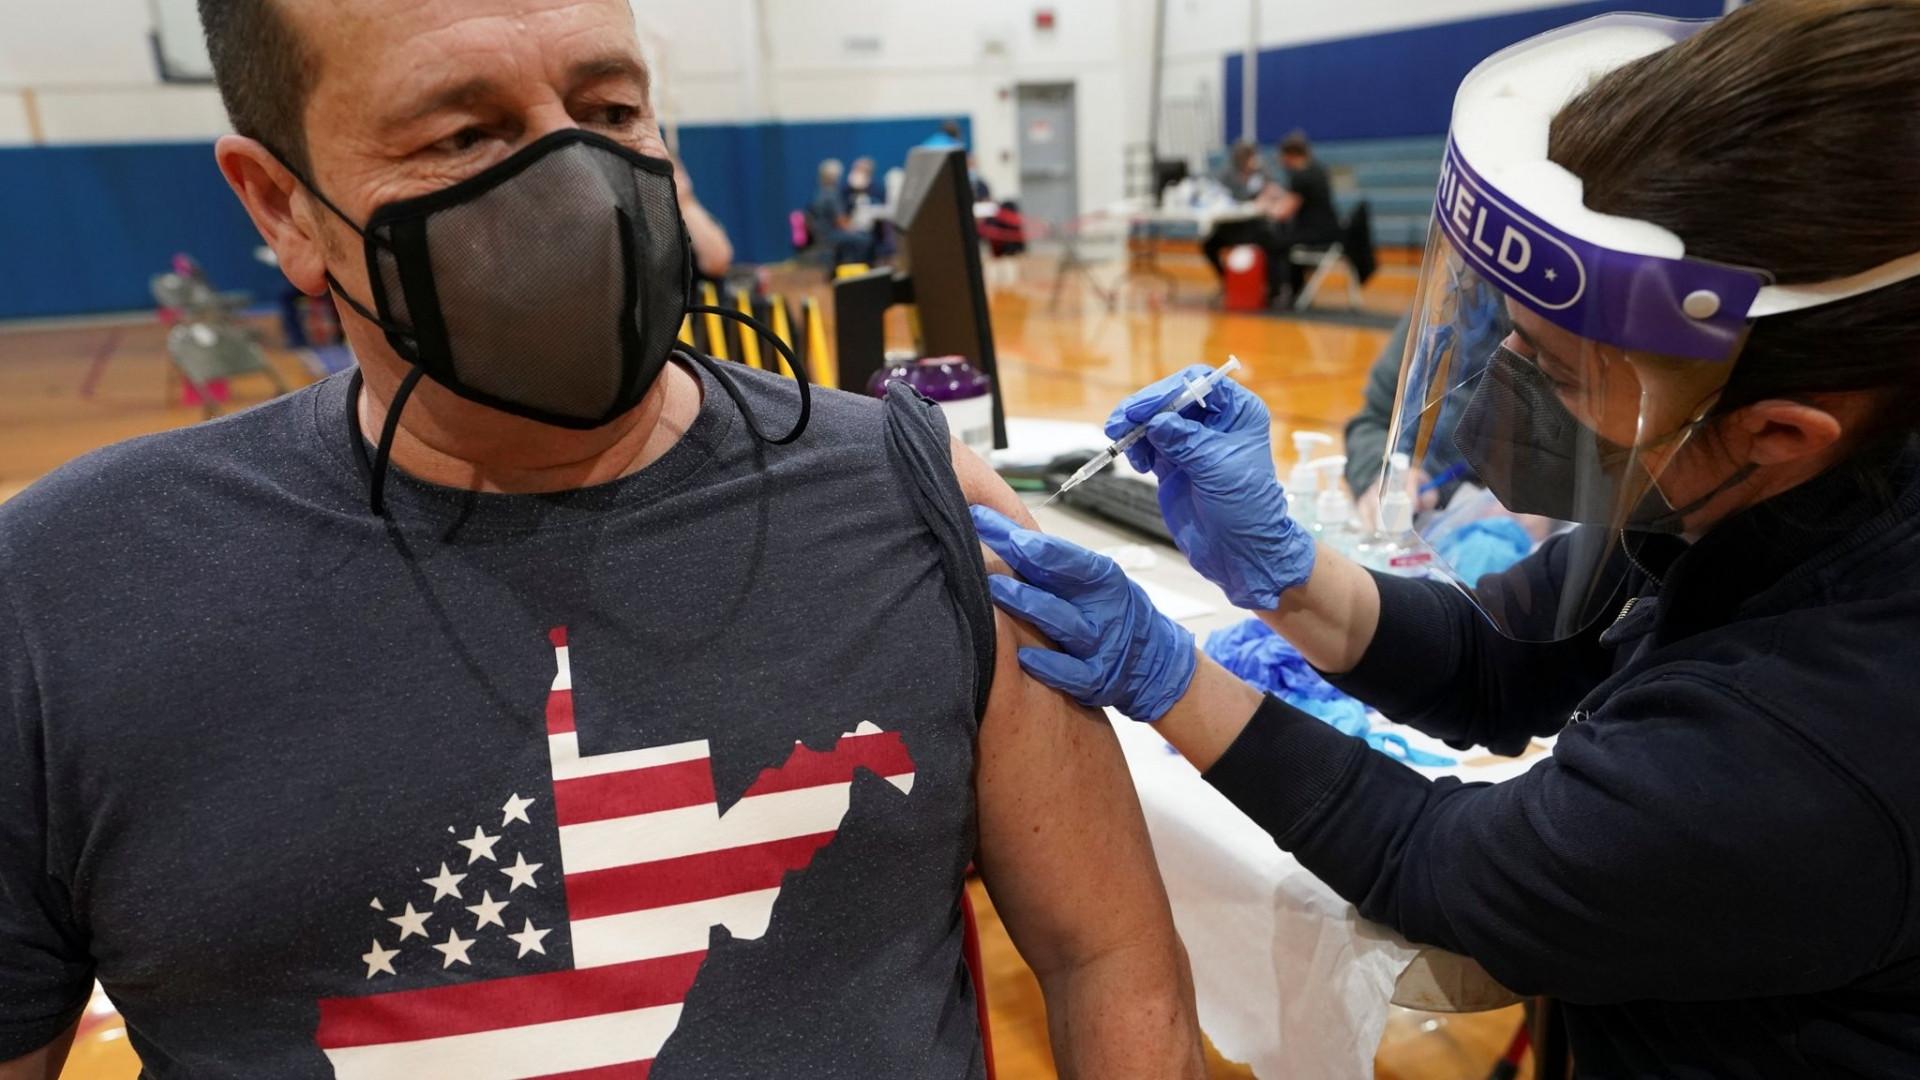 Xét theo quốc gia, Mỹ vẫn là nước bị ảnh hưởng nhất thế giới với số ca nhiễm và tử vong cao nhất, lần lượt là 35.743.293 ca và 629.314 ca. (Nguồn: Reuters)